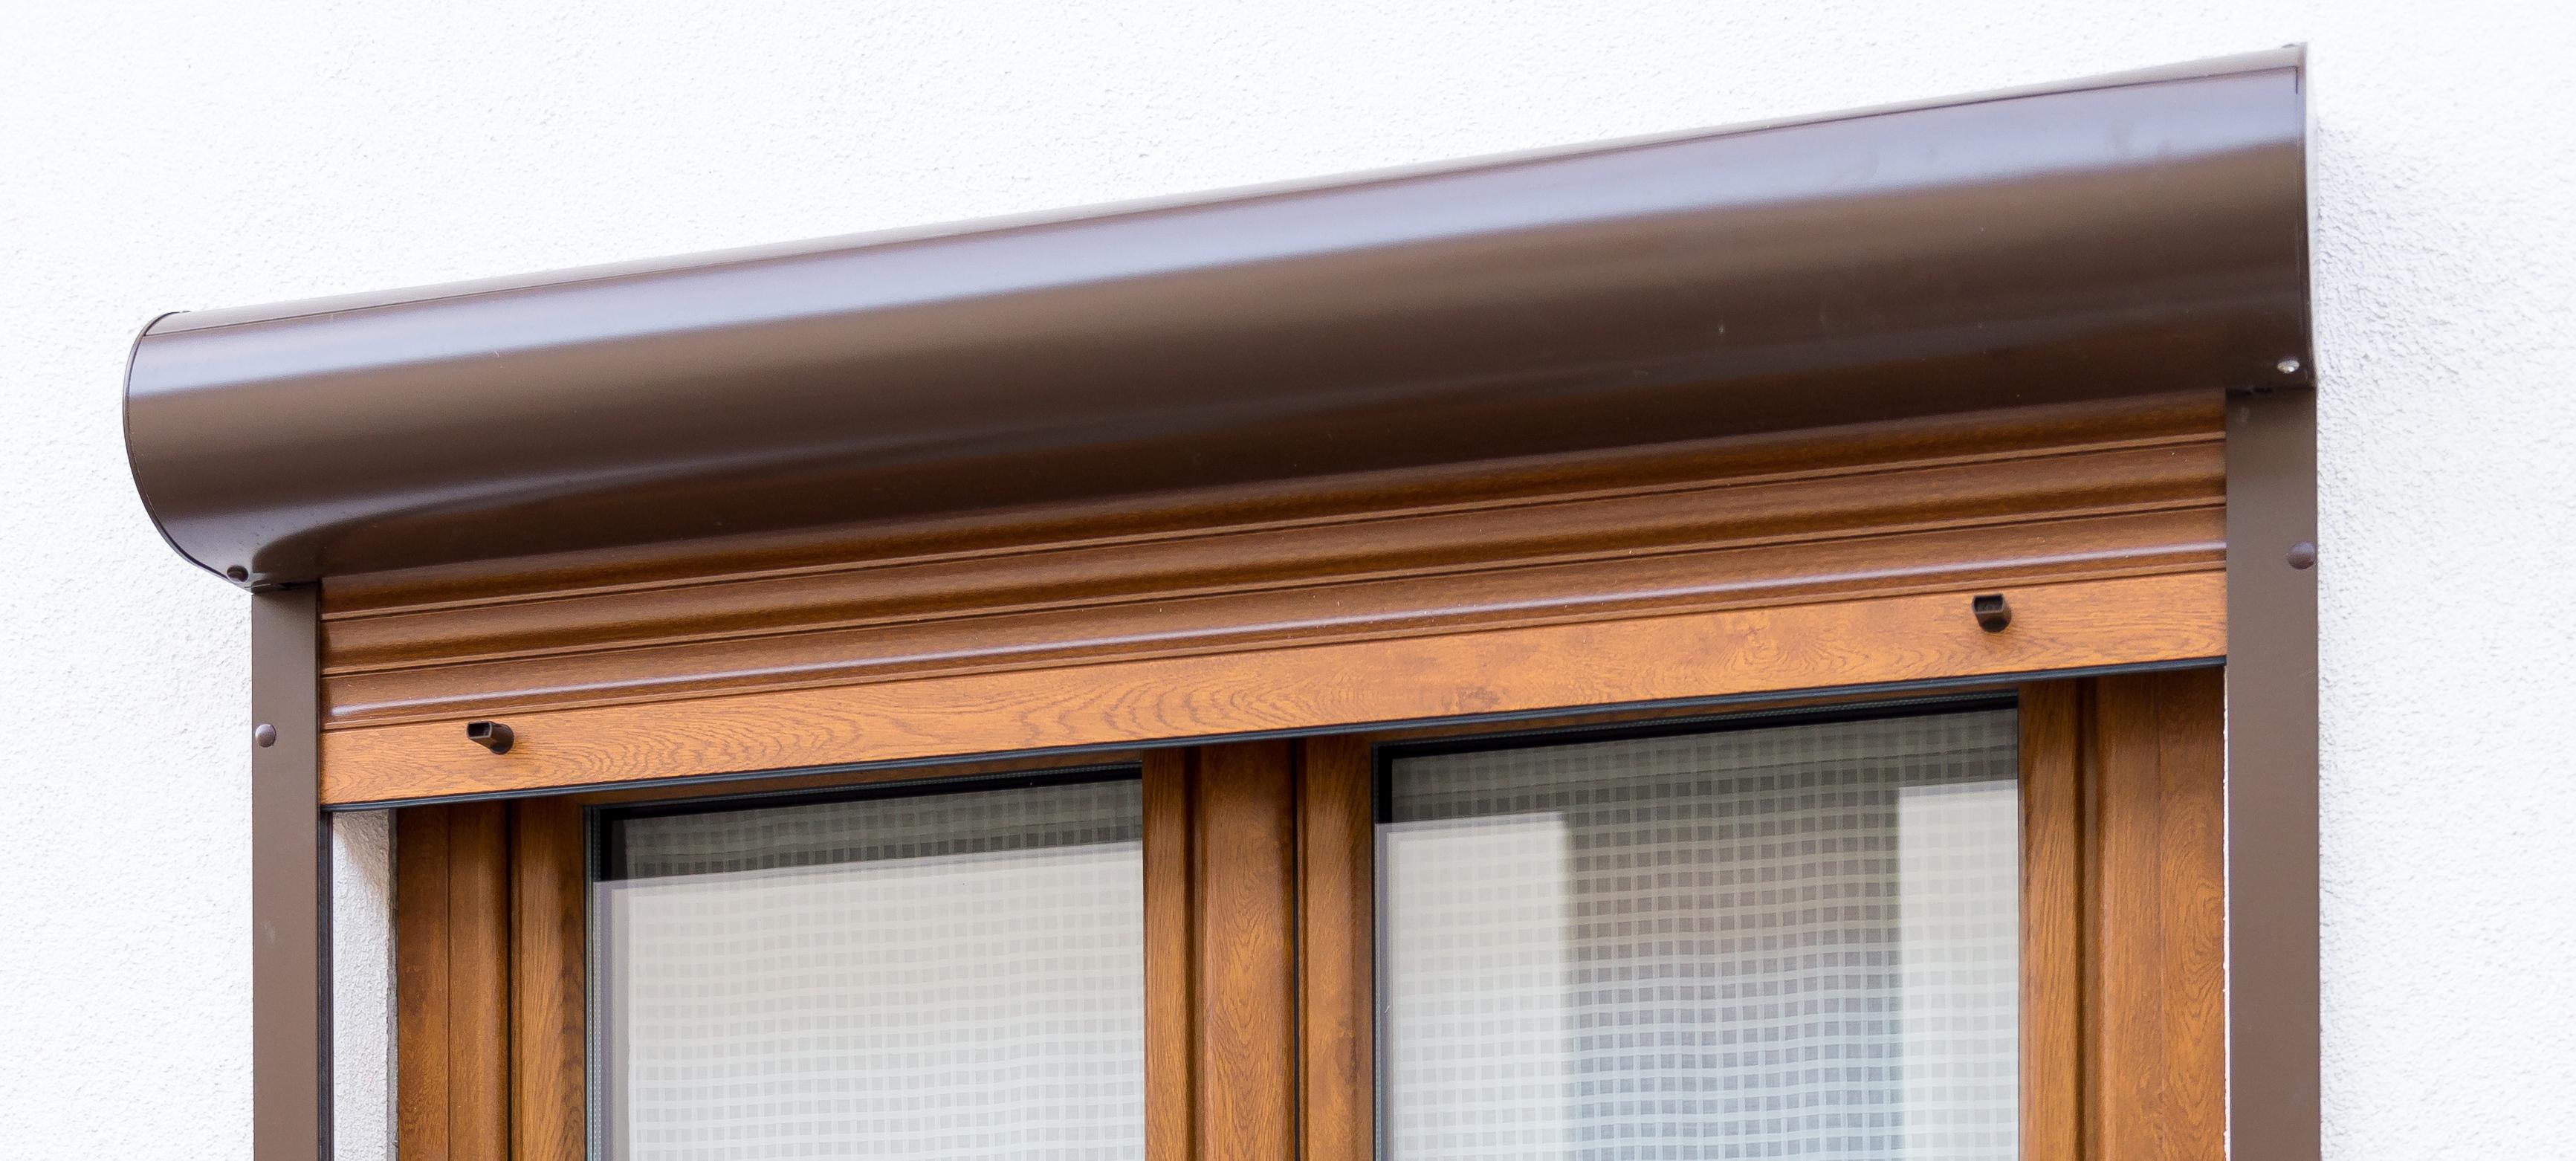 Drutex s a consigli ti sei stancato del caldo pensa alle avvolgibili a casa tua - Serrande avvolgibili per finestre ...